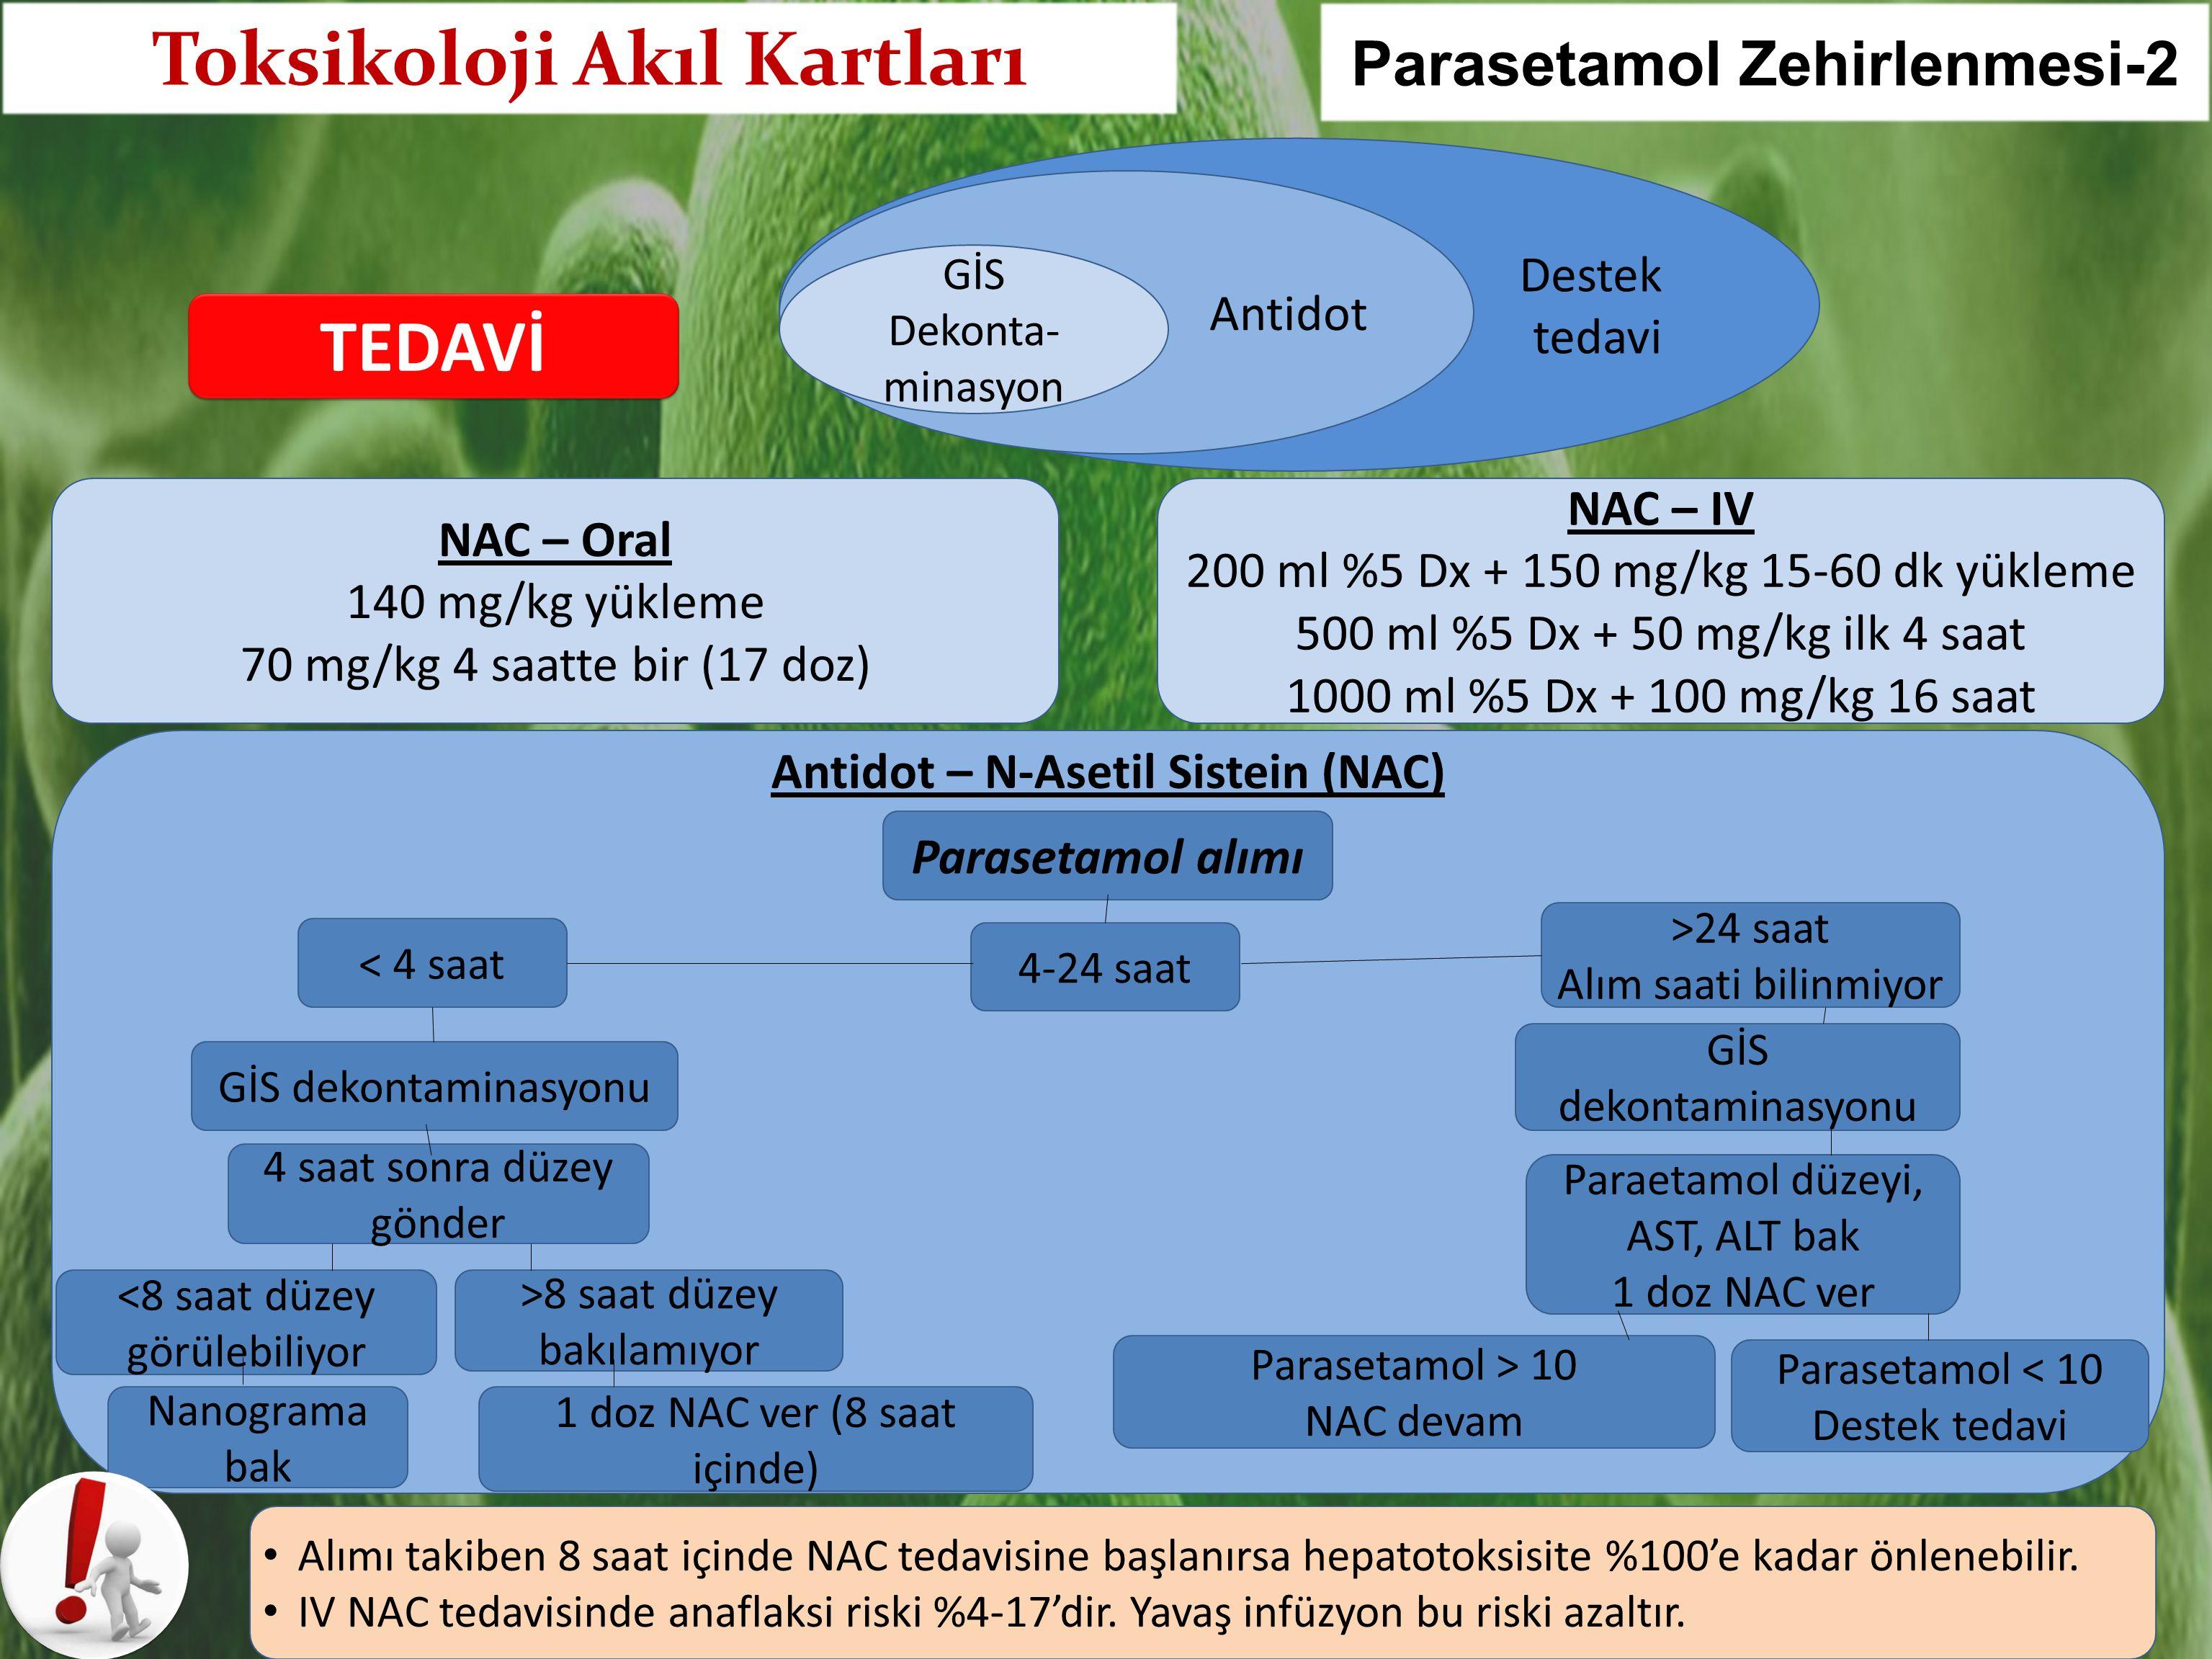 Destek tedavi TEDAVİ Antidot GİS Dekonta- minasyon Antidot – N-Asetil Sistein (NAC) < 4 saat Paraetamol düzeyi, AST, ALT bak 1 doz NAC ver GİS dekontaminasyonu Parasetamol alımı >24 saat Alım saati bilinmiyor 4-24 saat 4 saat sonra düzey gönder <8 saat düzey görülebiliyor Nanograma bak 1 doz NAC ver (8 saat içinde) >8 saat düzey bakılamıyor GİS dekontaminasyonu Parasetamol > 10 NAC devam Parasetamol < 10 Destek tedavi NAC – Oral 140 mg/kg yükleme 70 mg/kg 4 saatte bir (17 doz) NAC – IV 200 ml %5 Dx + 150 mg/kg 15-60 dk yükleme 500 ml %5 Dx + 50 mg/kg ilk 4 saat 1000 ml %5 Dx + 100 mg/kg 16 saat Alımı takiben 8 saat içinde NAC tedavisine başlanırsa hepatotoksisite %100'e kadar önlenebilir.